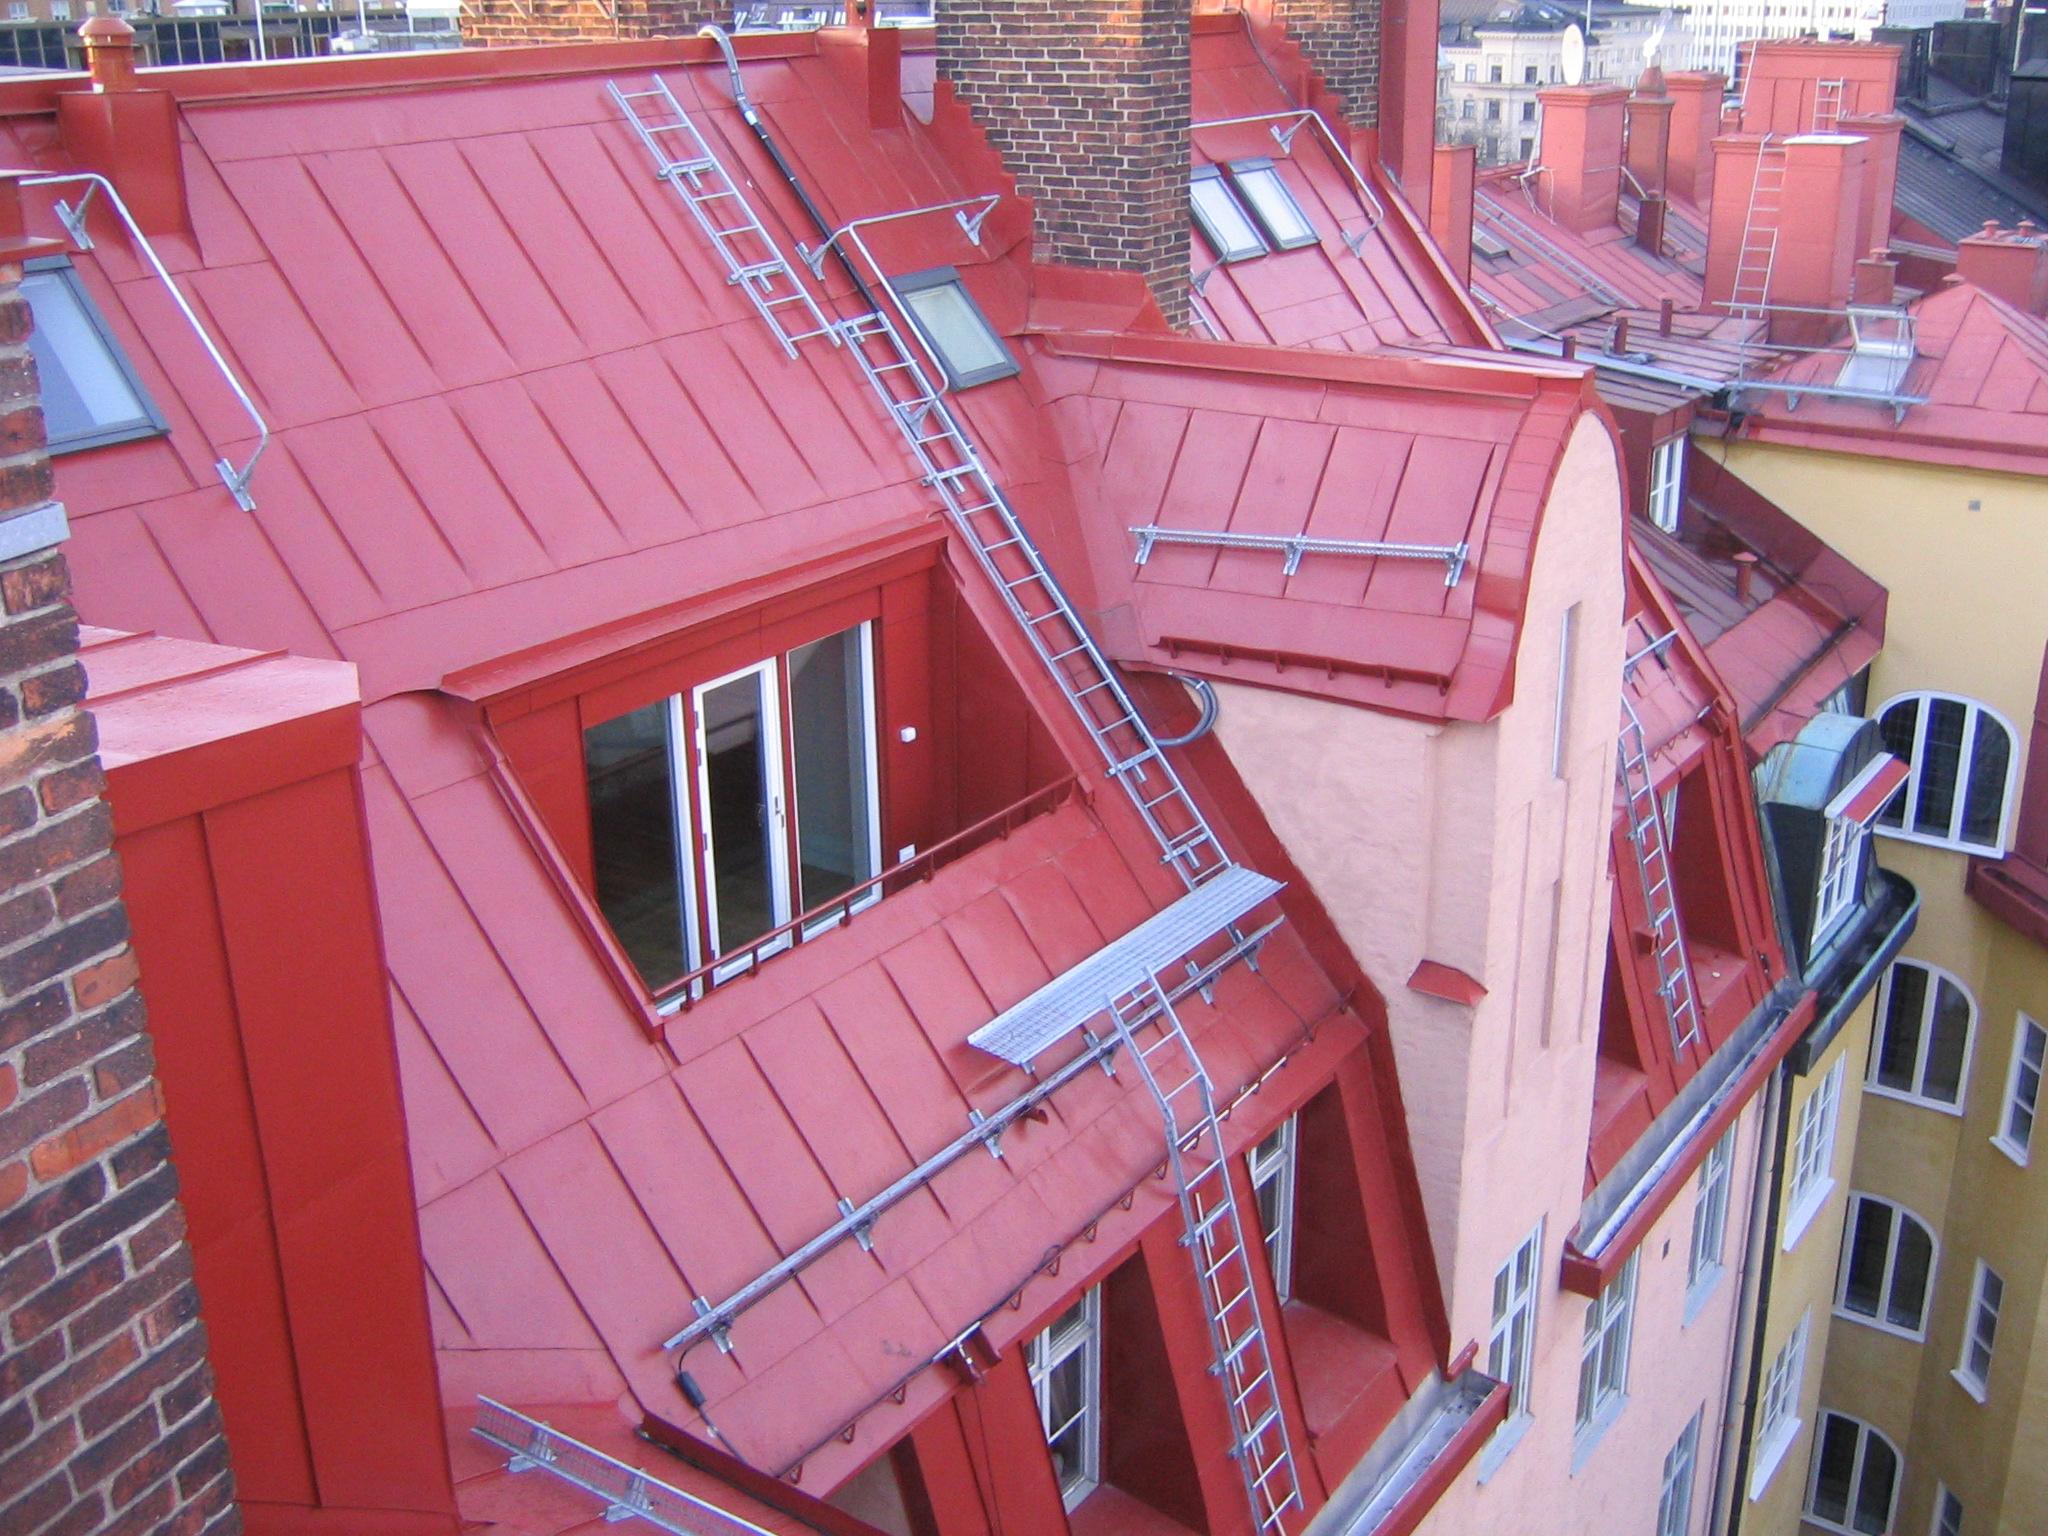 Bild 12:17. Kontroll av taksäkerhetsanordningar är en viktig del av underhållskontrollen av ett tak.  Foto: Torbjörn Osterling.